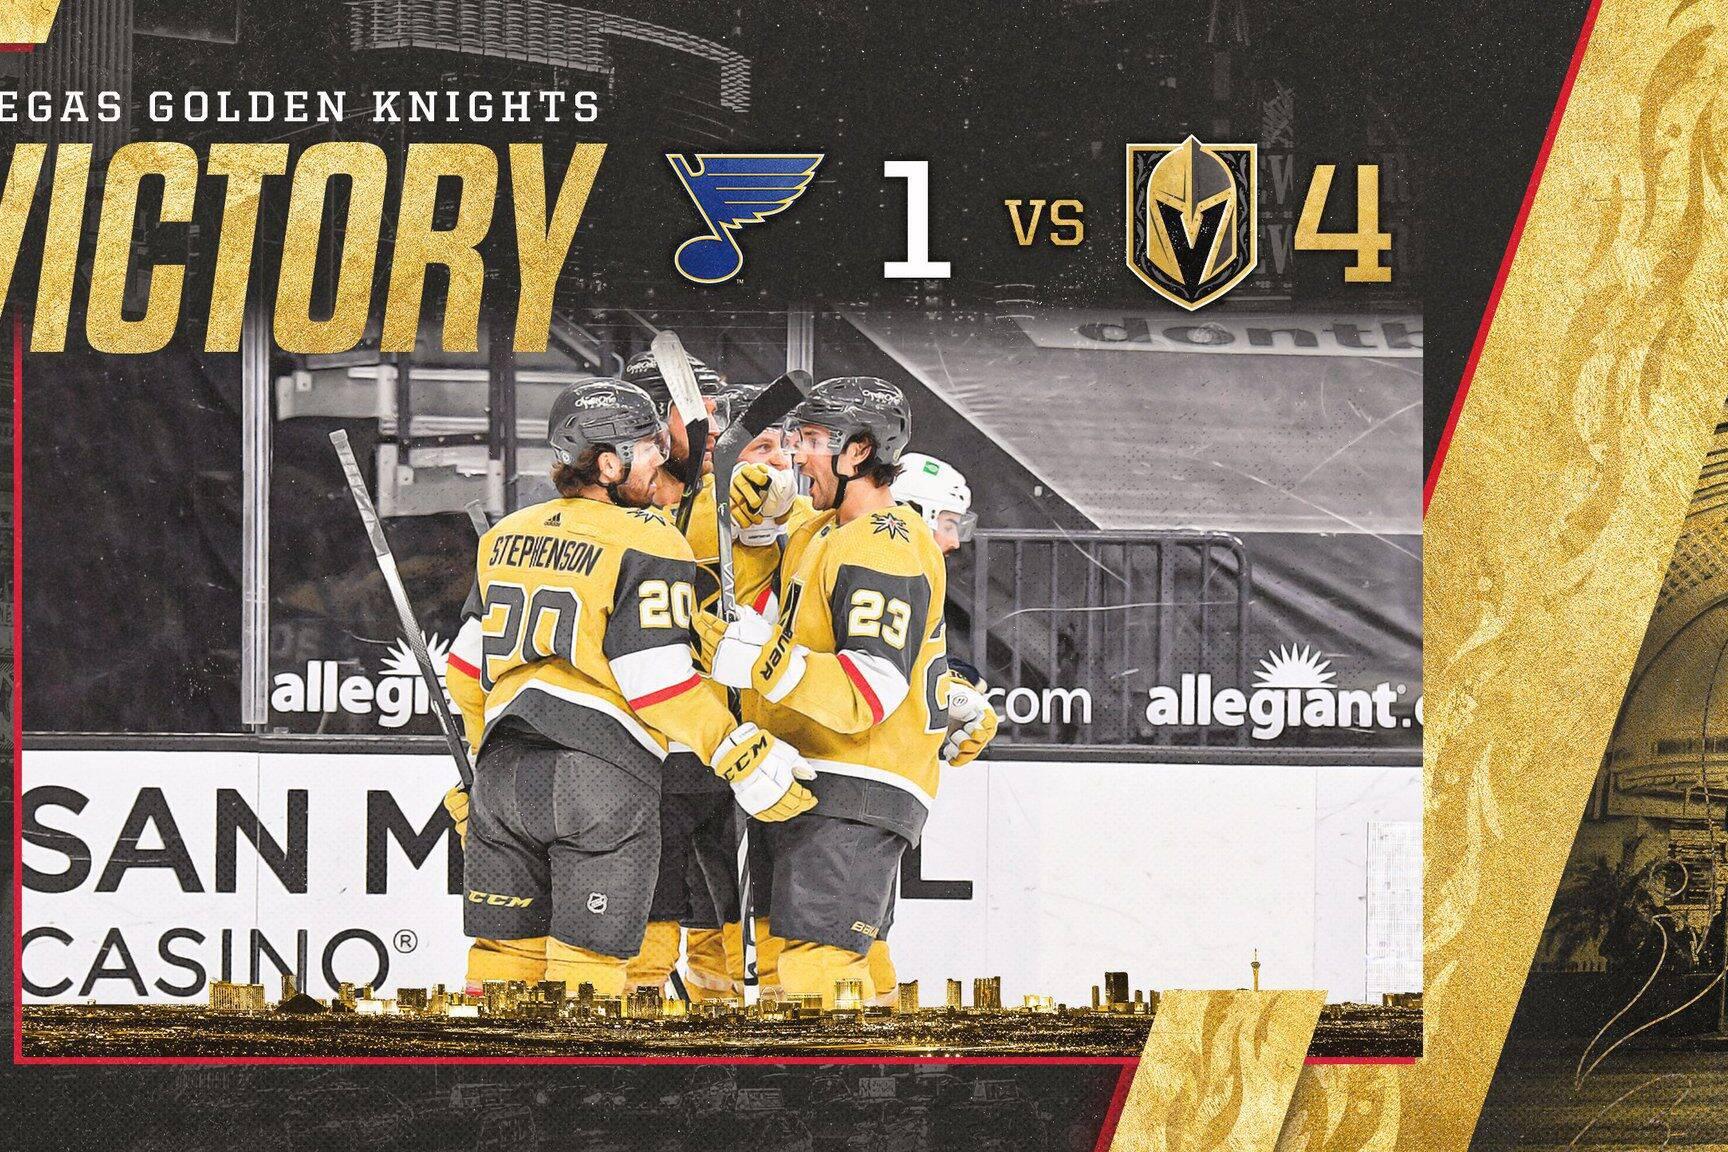 Golden Knights vs Blues Highlights